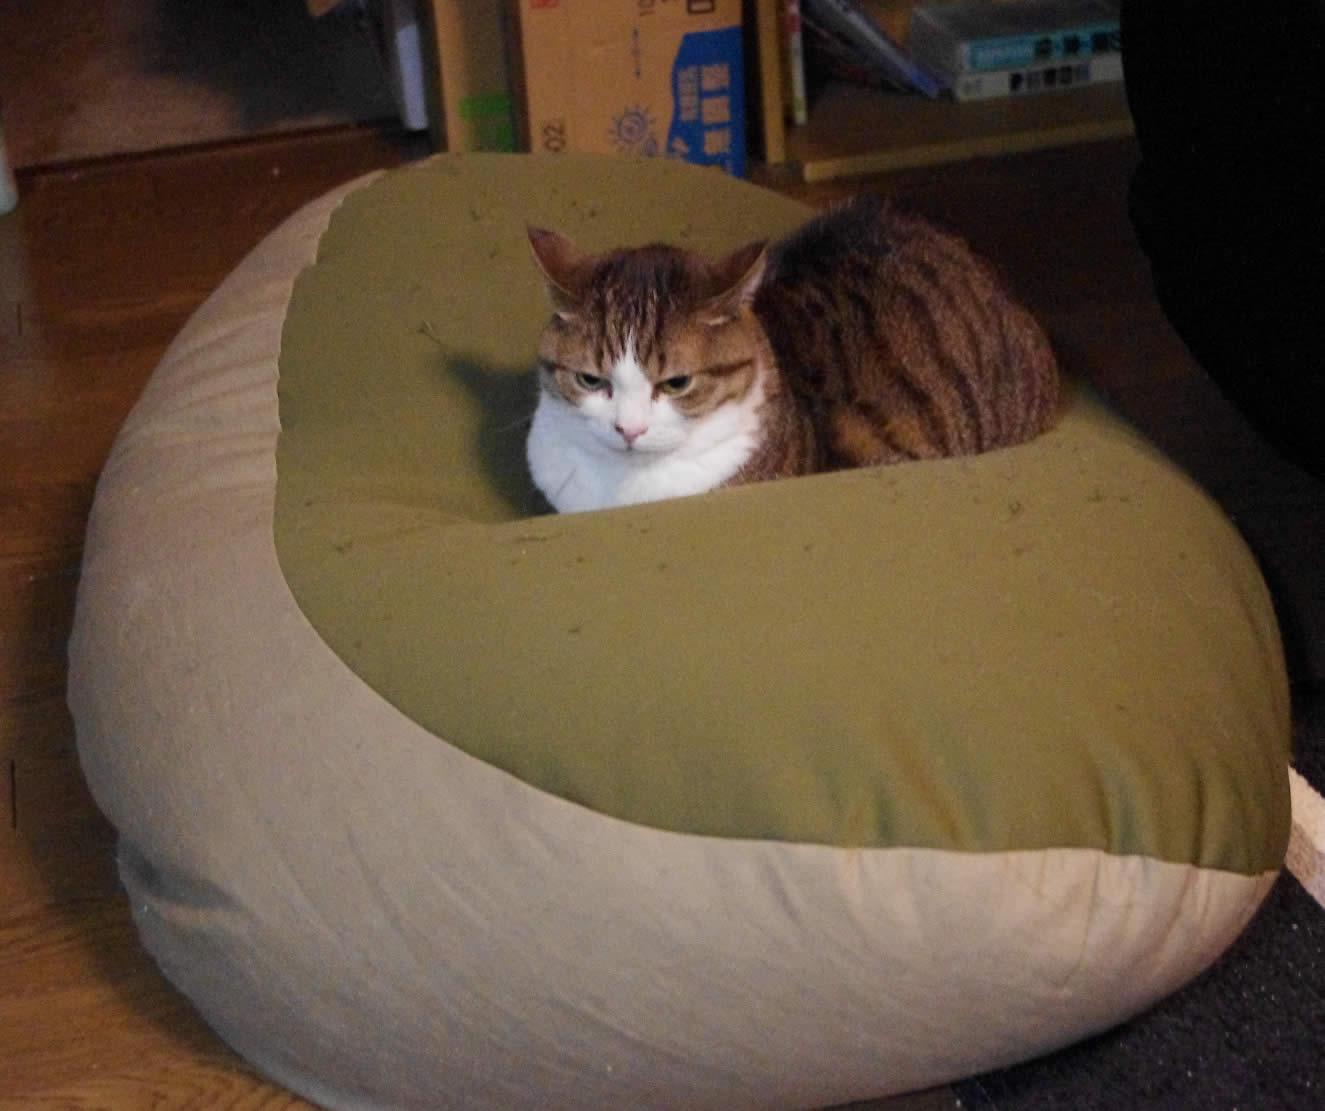 猫とPCケース 61台目 [無断転載禁止]©2ch.netYouTube動画>24本 ->画像>1078枚